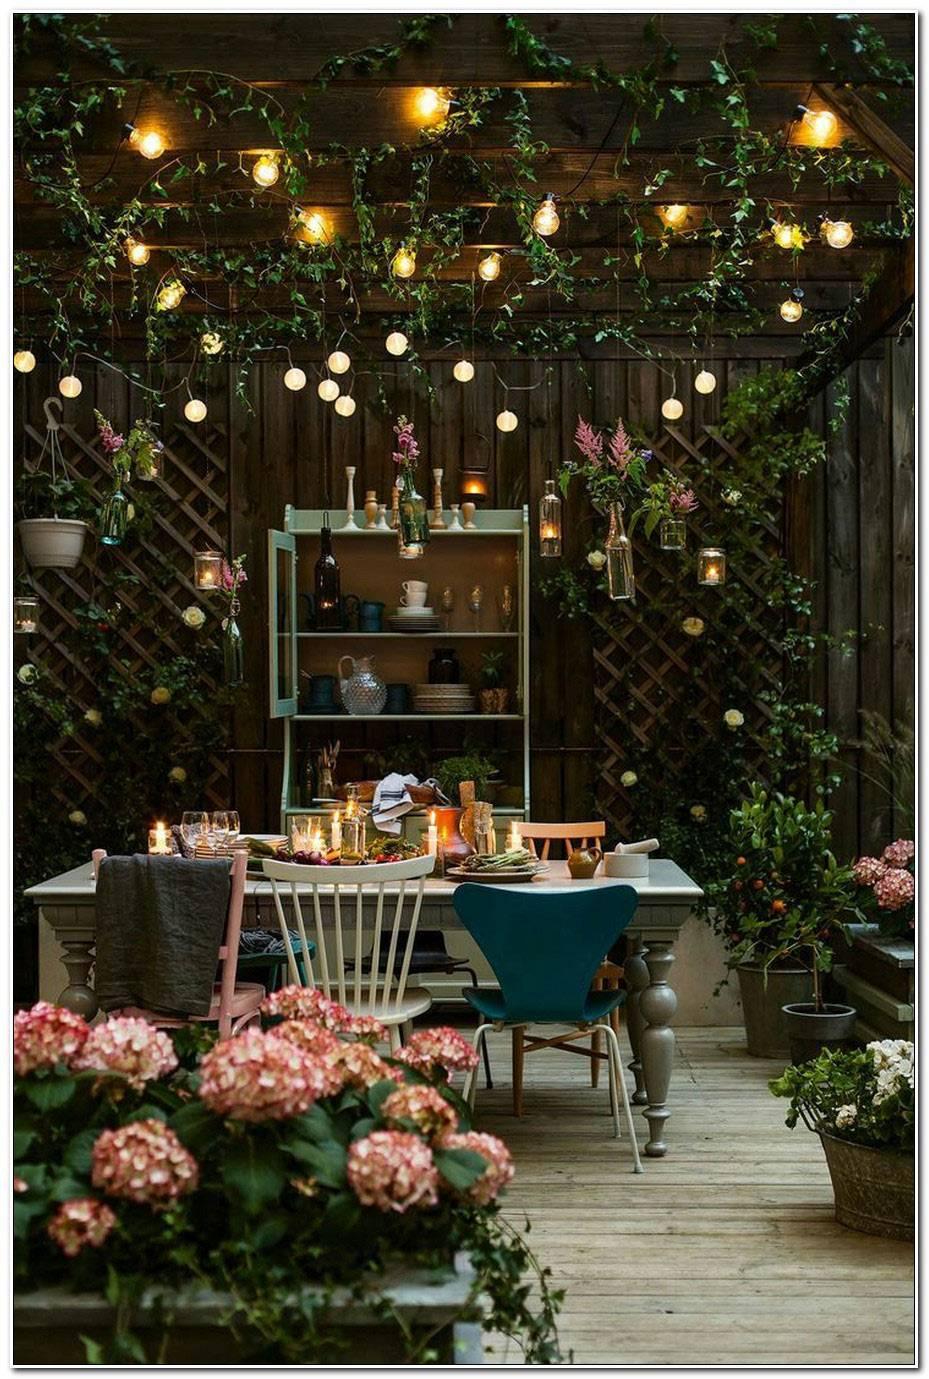 Decoration Jardin Nuit